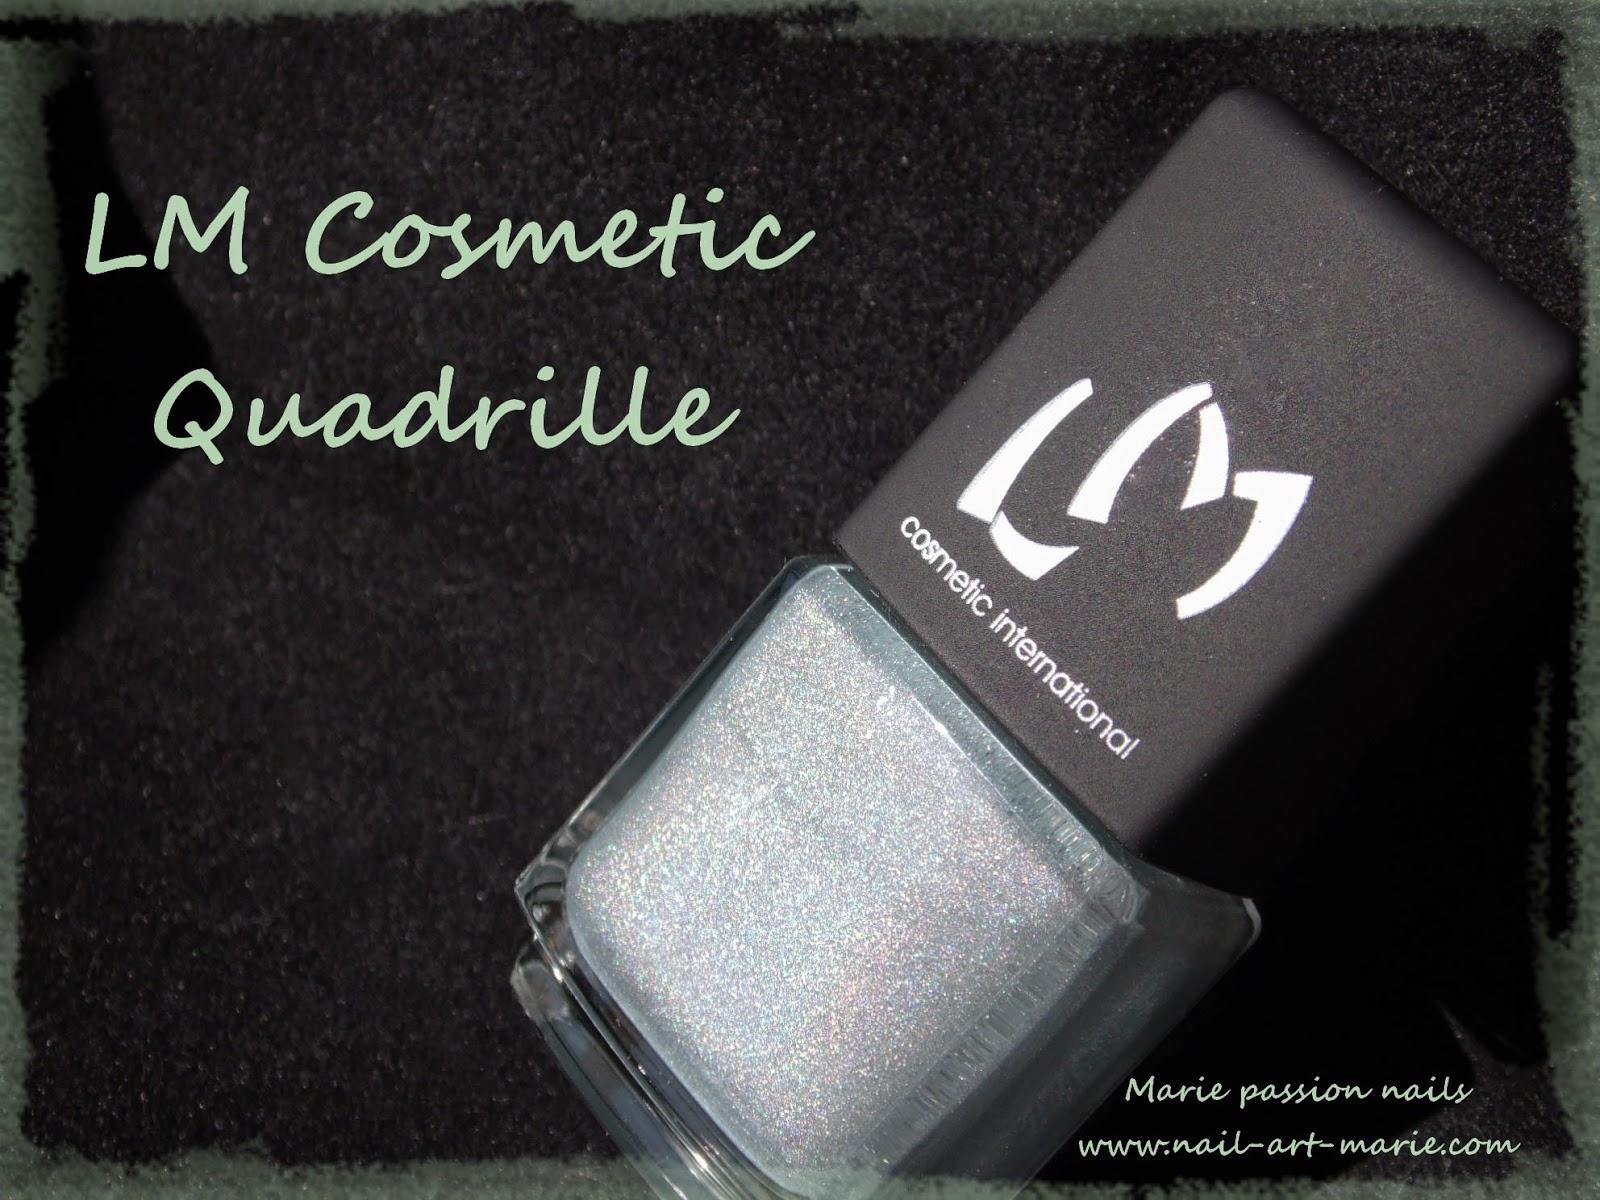 LM Cosmetic Quadrille1